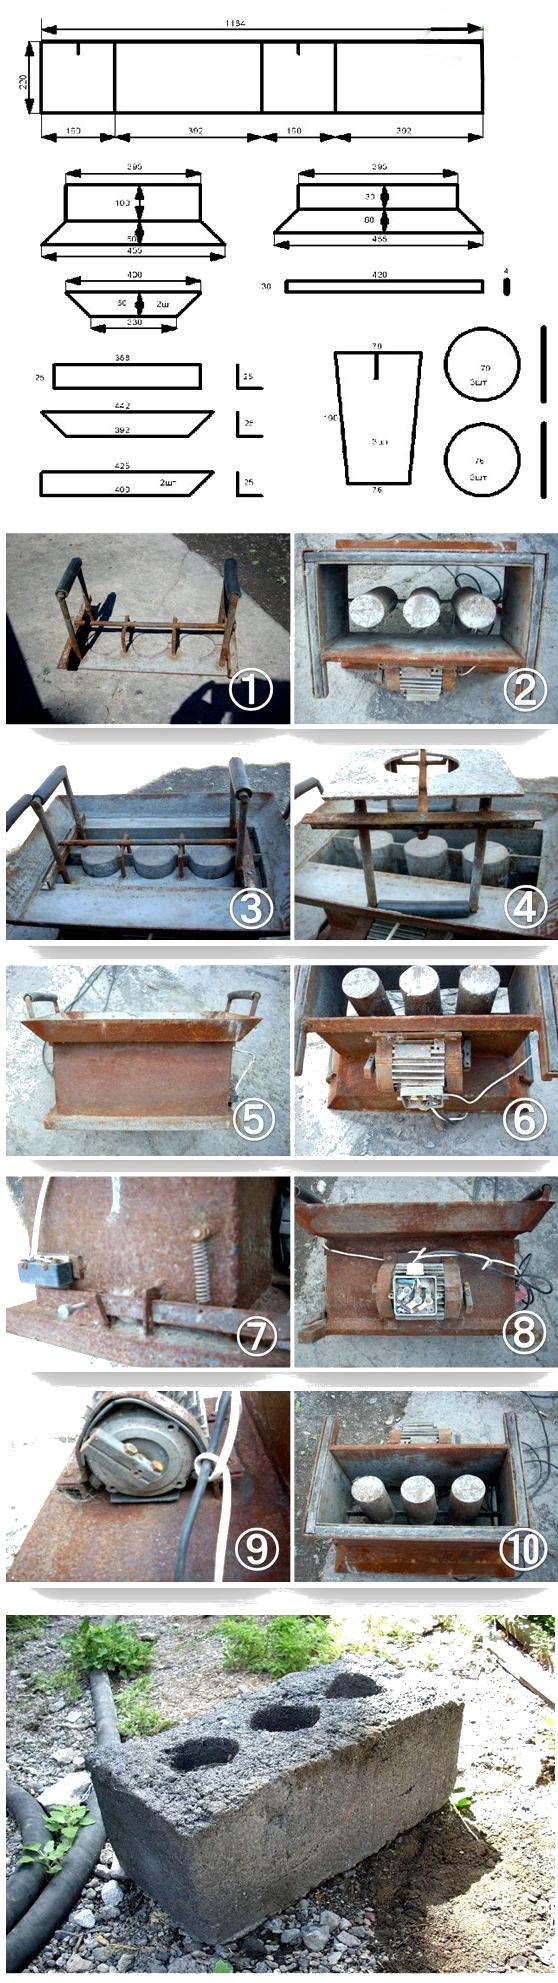 Изготовление станка для шлакоблоков своими руками